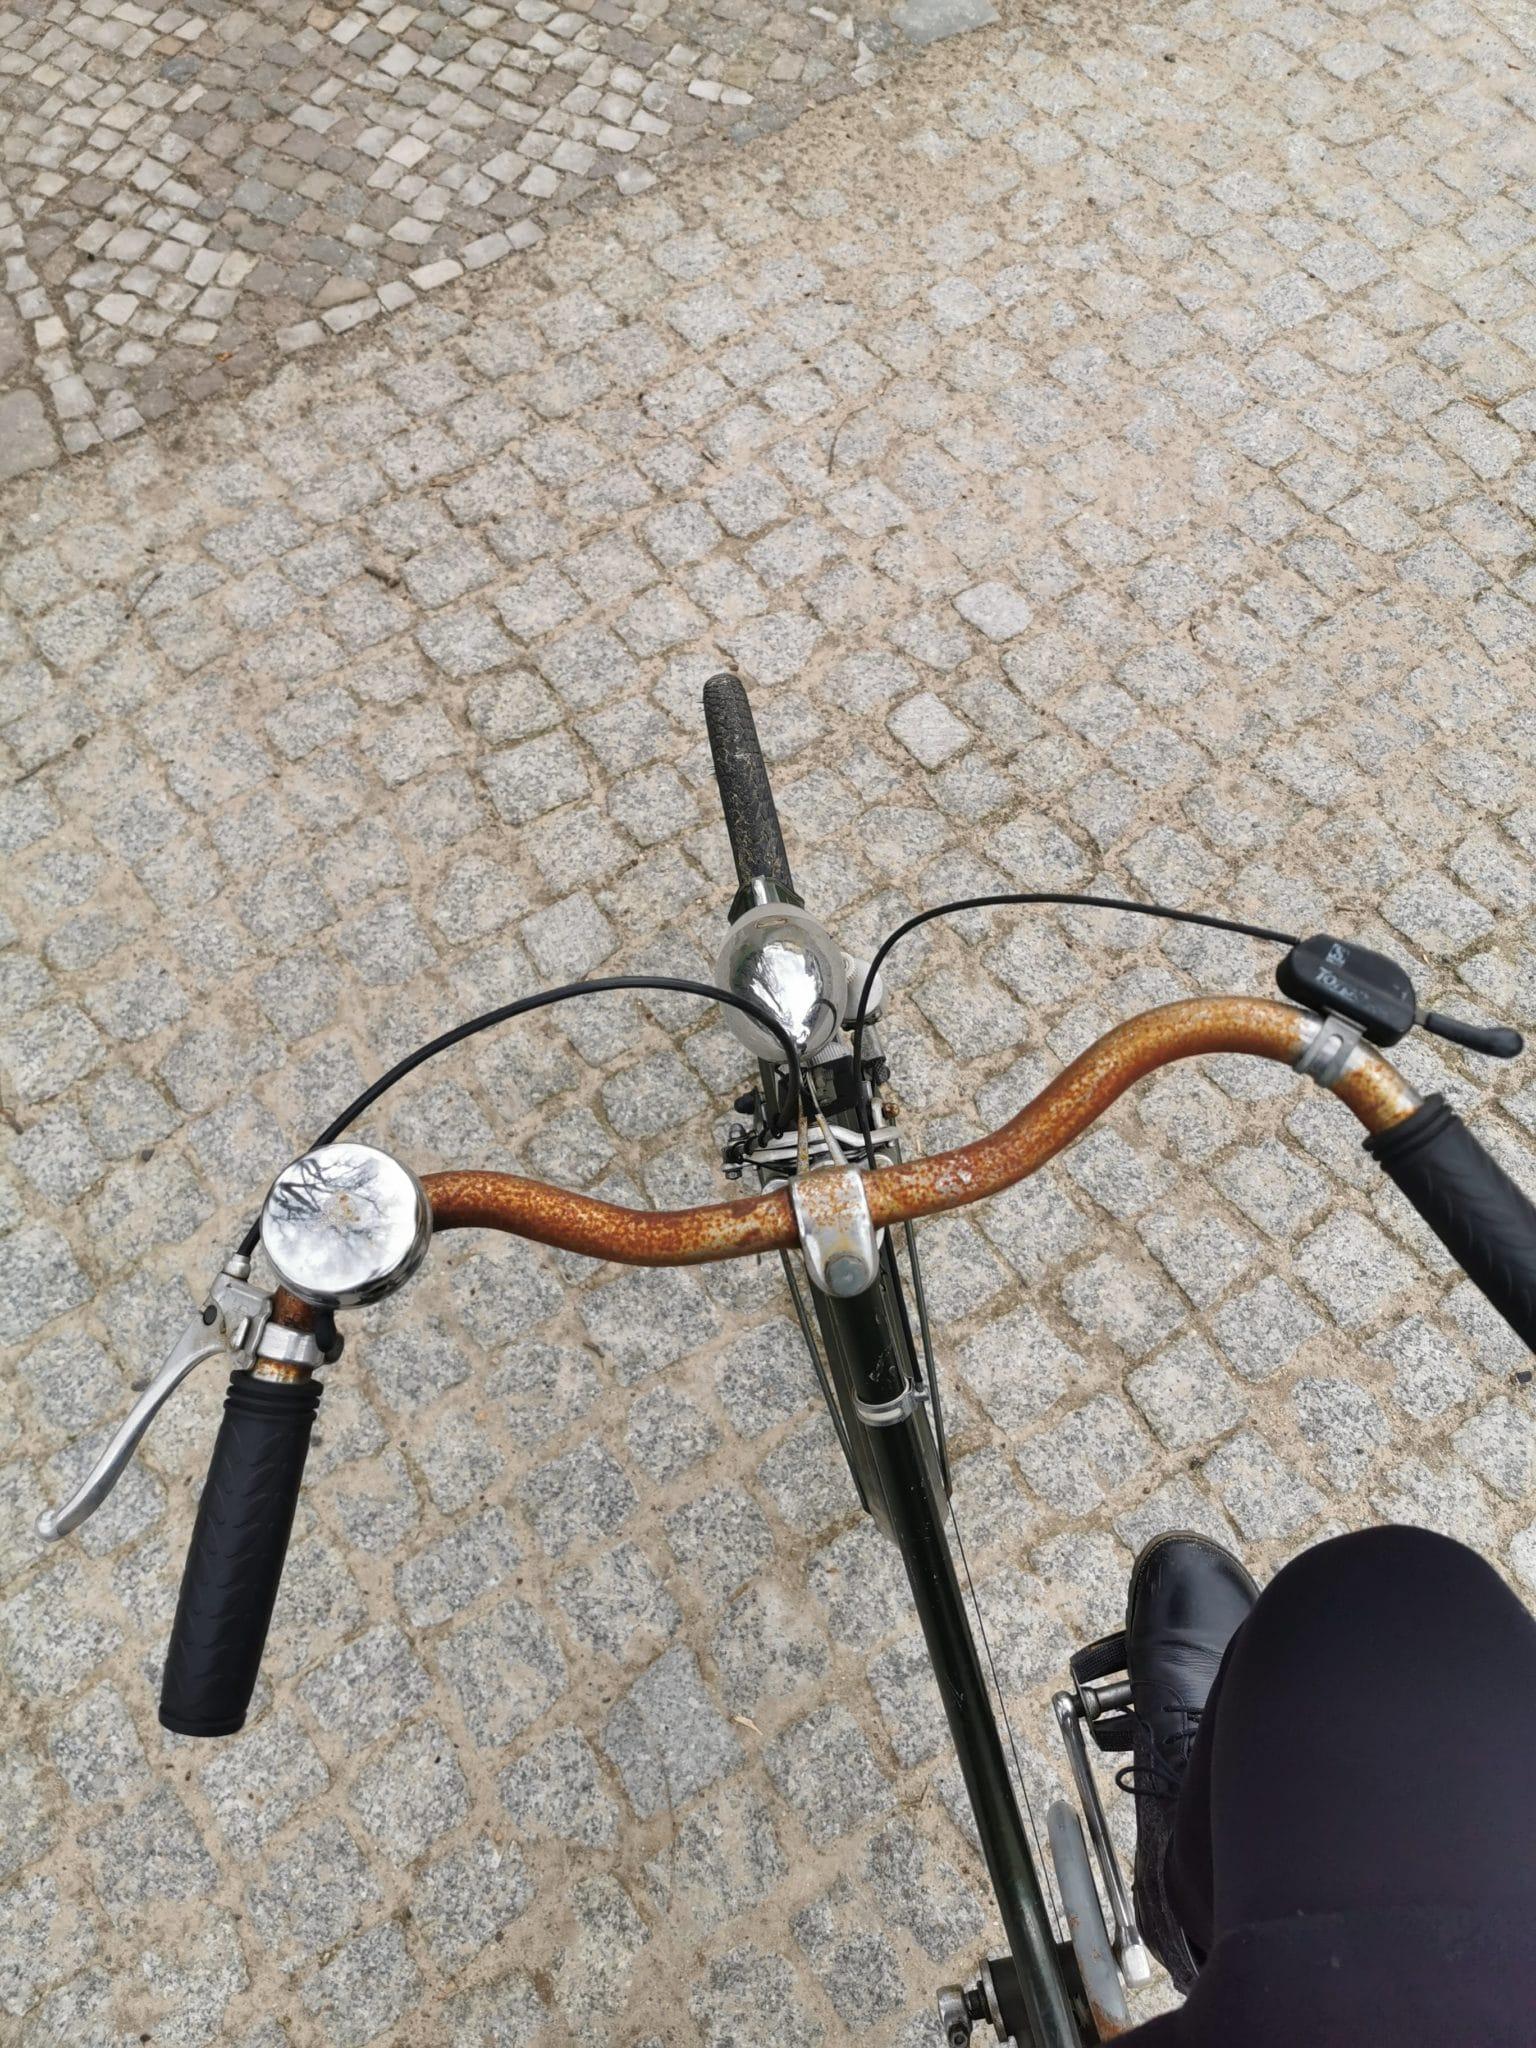 Vor einigen Monaten habe ich ein Rad gerettet, heute darf es mit.